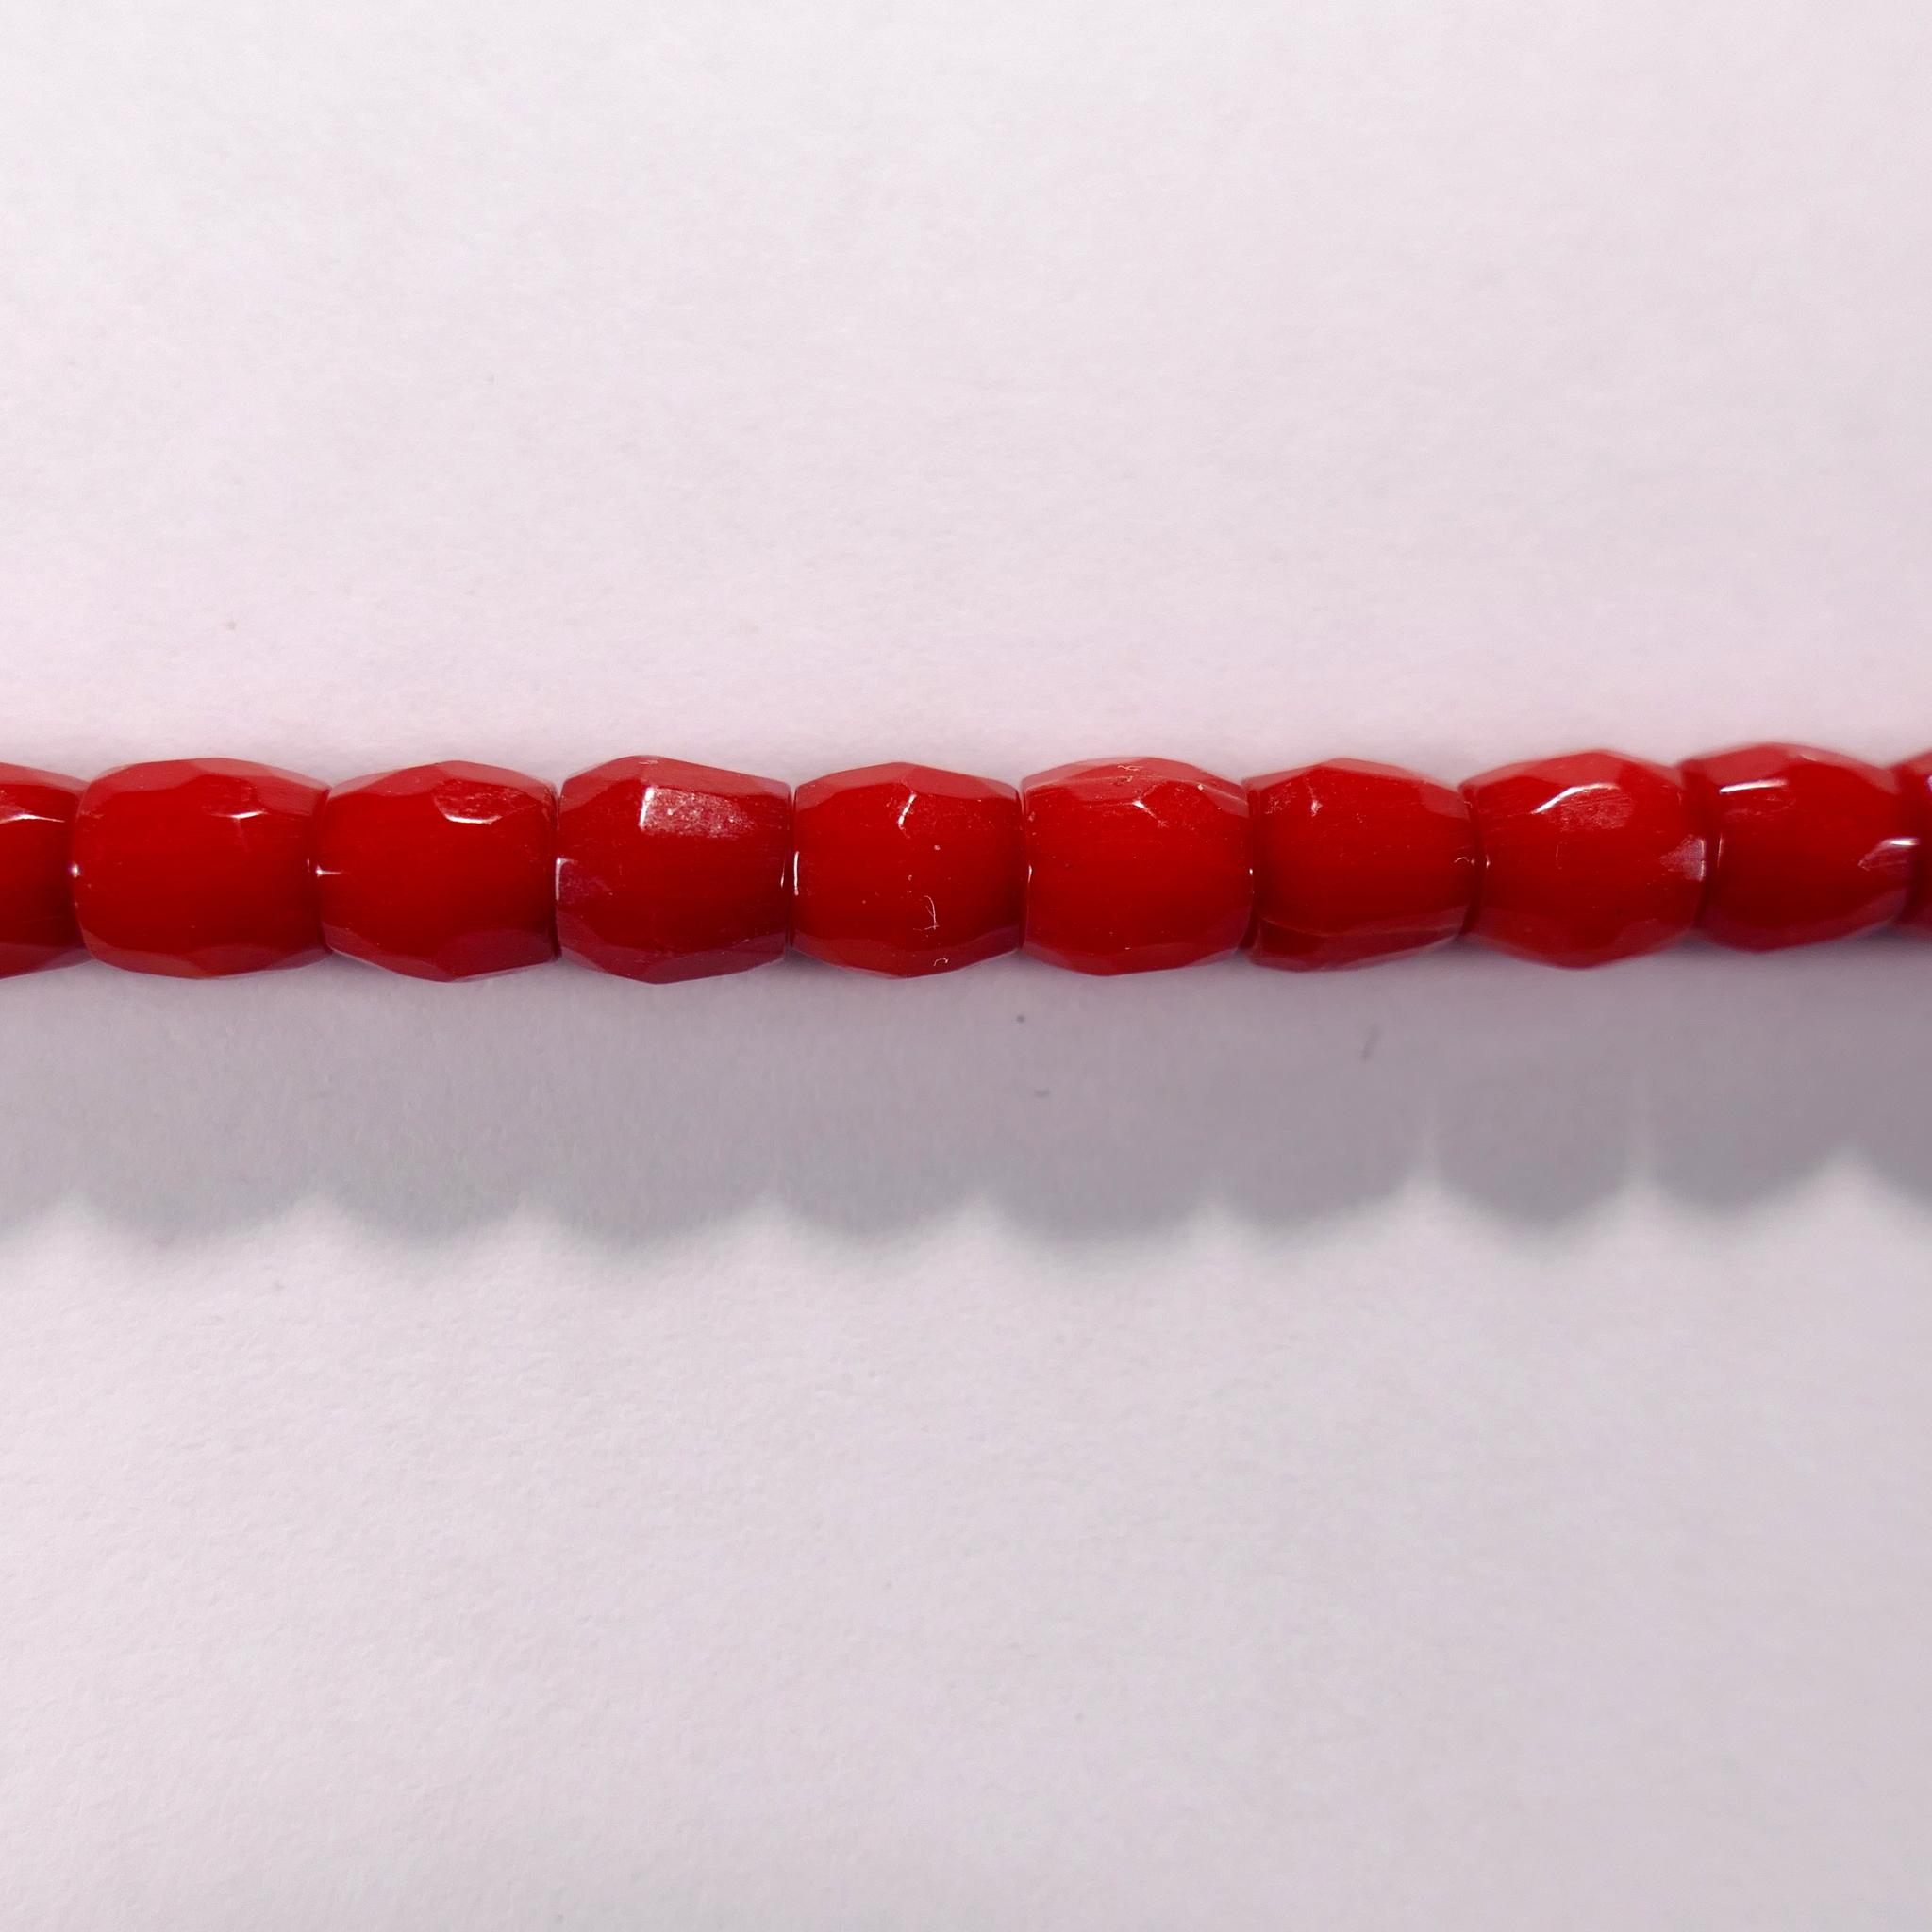 Бусина из коралла красного, облагороженного, фигурная, 6x6 мм (рондель-бочонок, граненая)